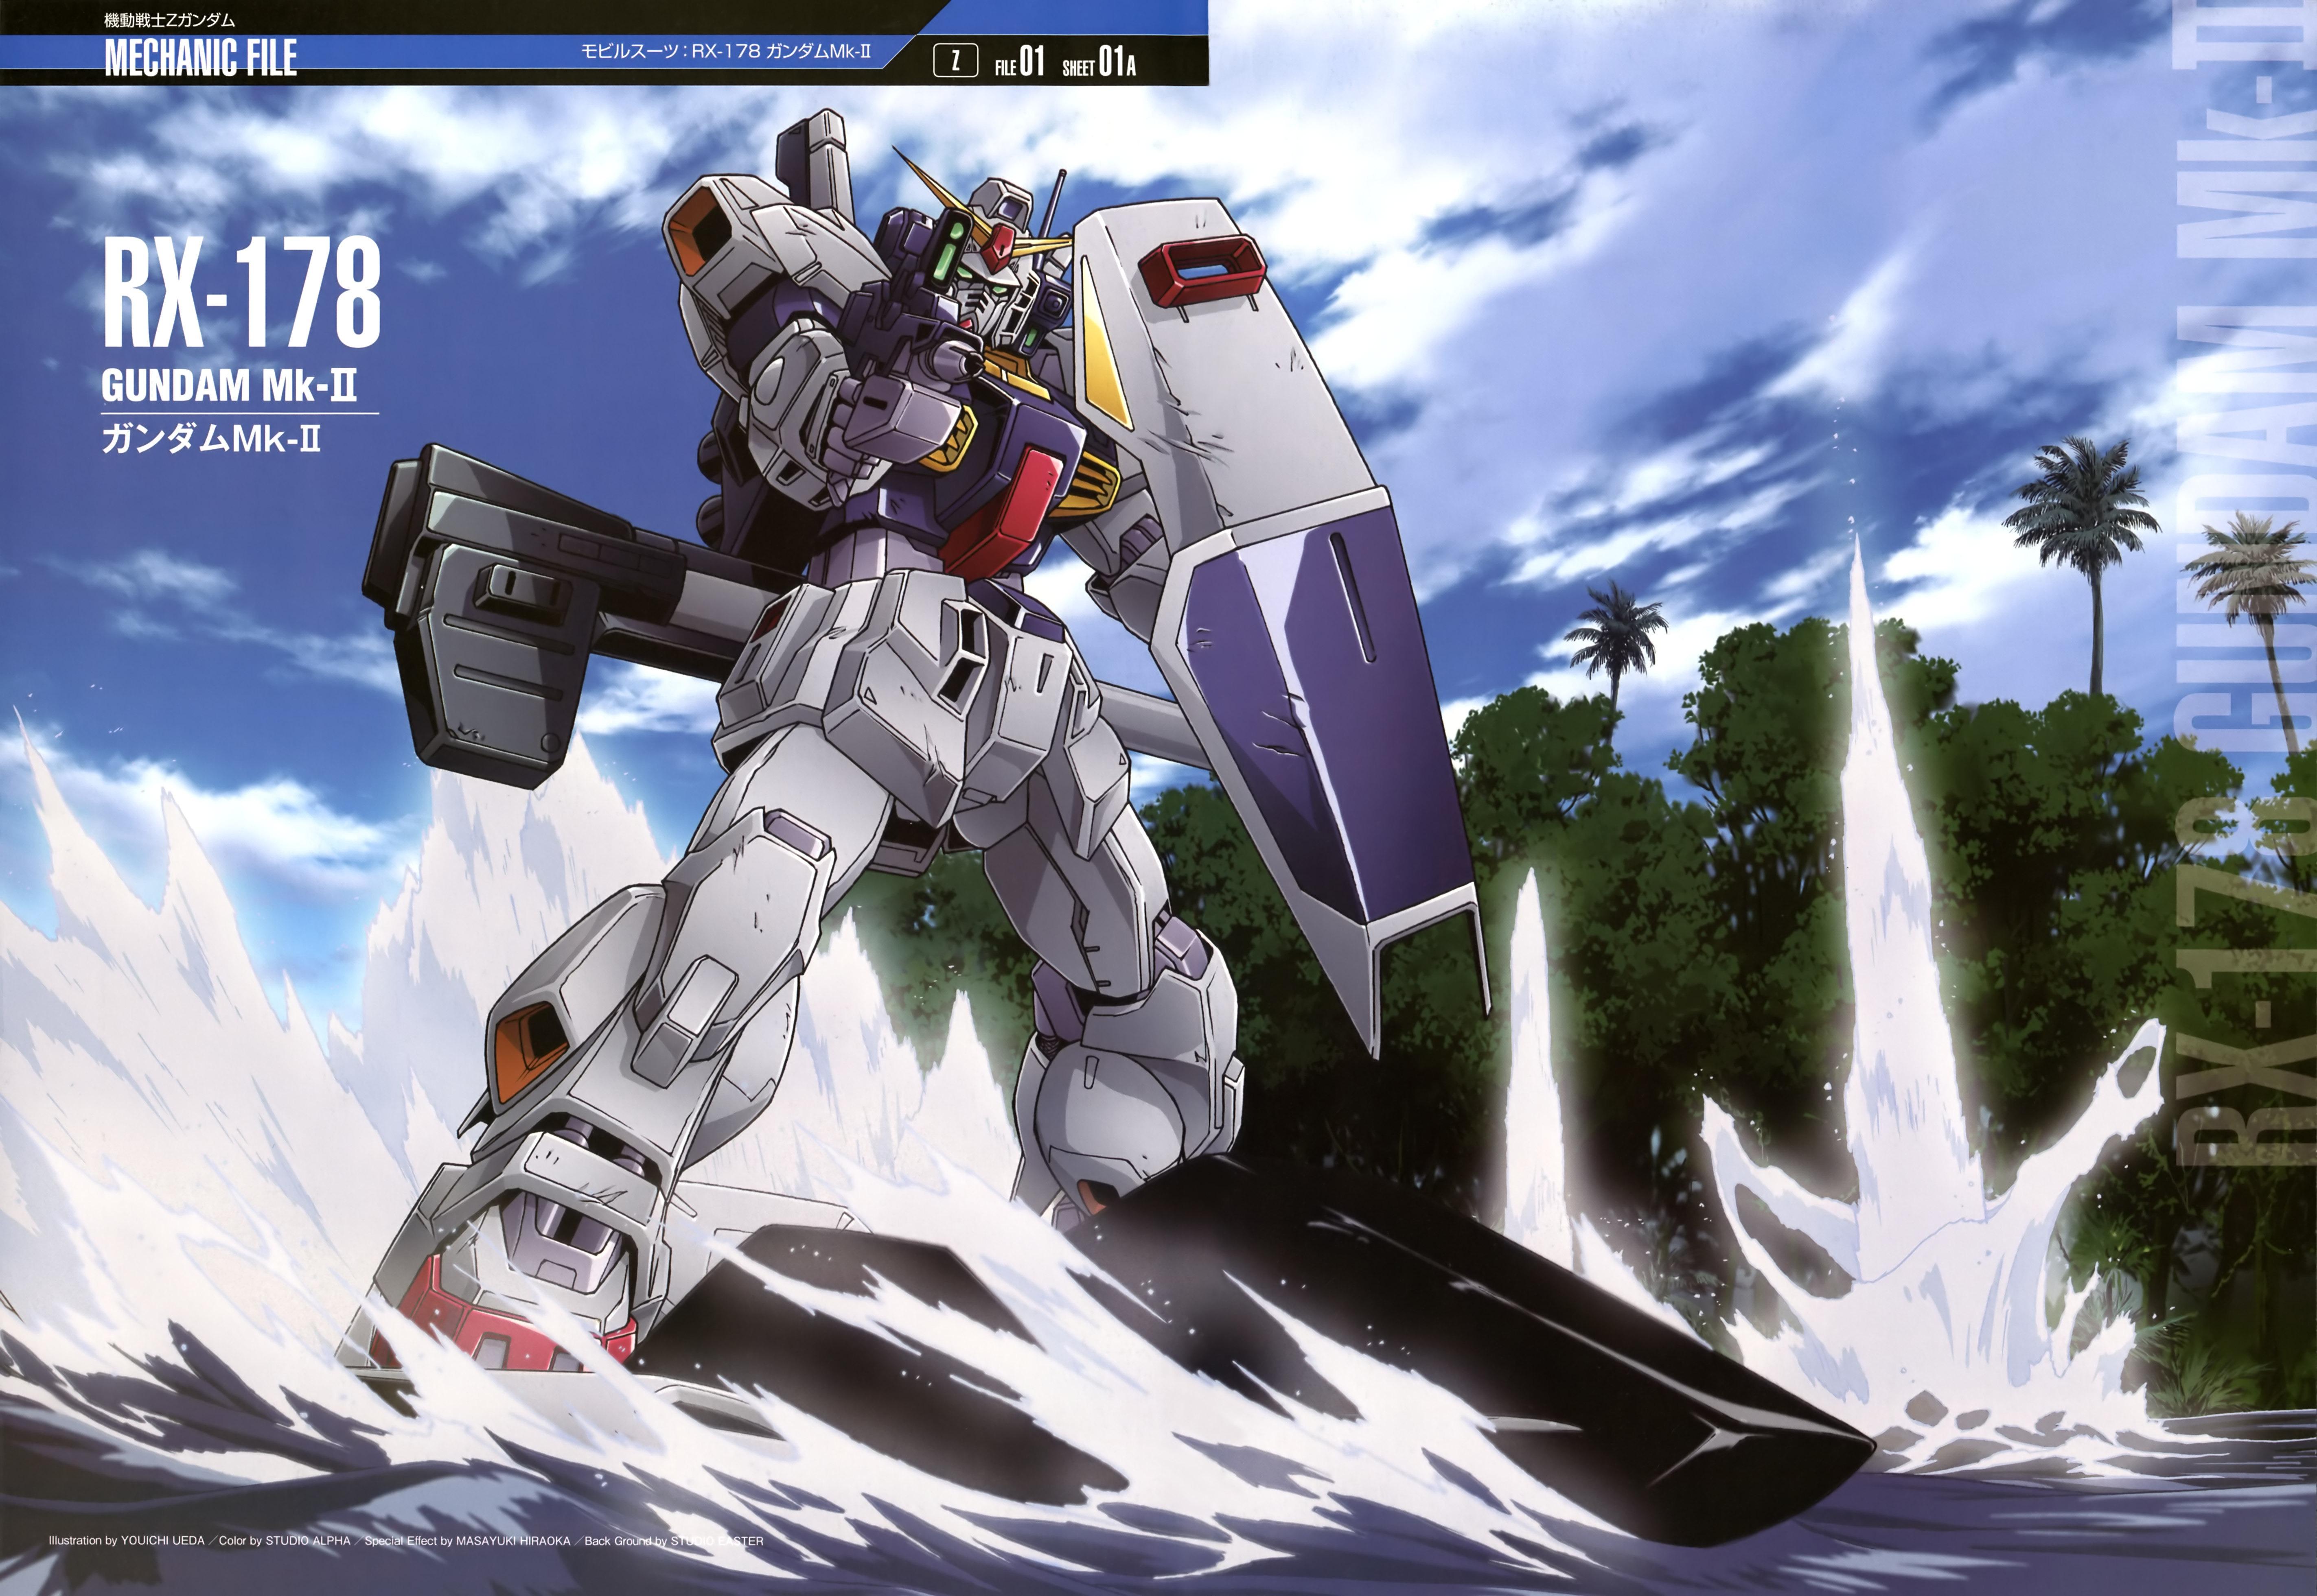 Mobile Suit Gundam Series 4 Hd Wallpaper - Animewp.com